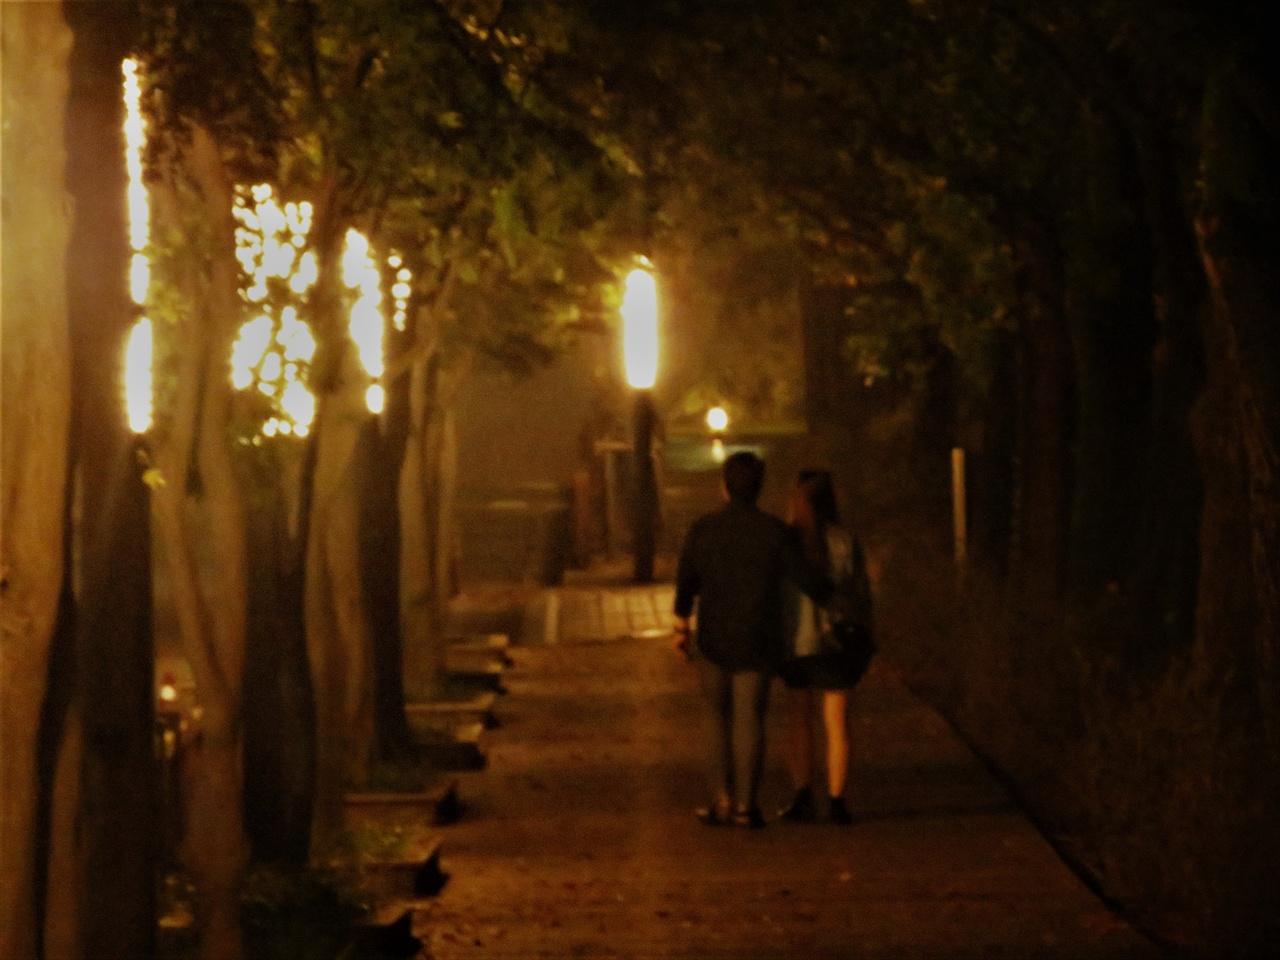 물론 이렇게 분위기 좋은 길은 사랑하는 이와 걸을 때 더 기분좋겠지요. 기분탓일 테지만 이 길을 걸으면 괜히 솔직함을 가장한 오글거리는 표현이 튀어나올 수도 있습니다. 그래도 사랑하는 이와 함께라면 무엇이든 괜찮겠지요?